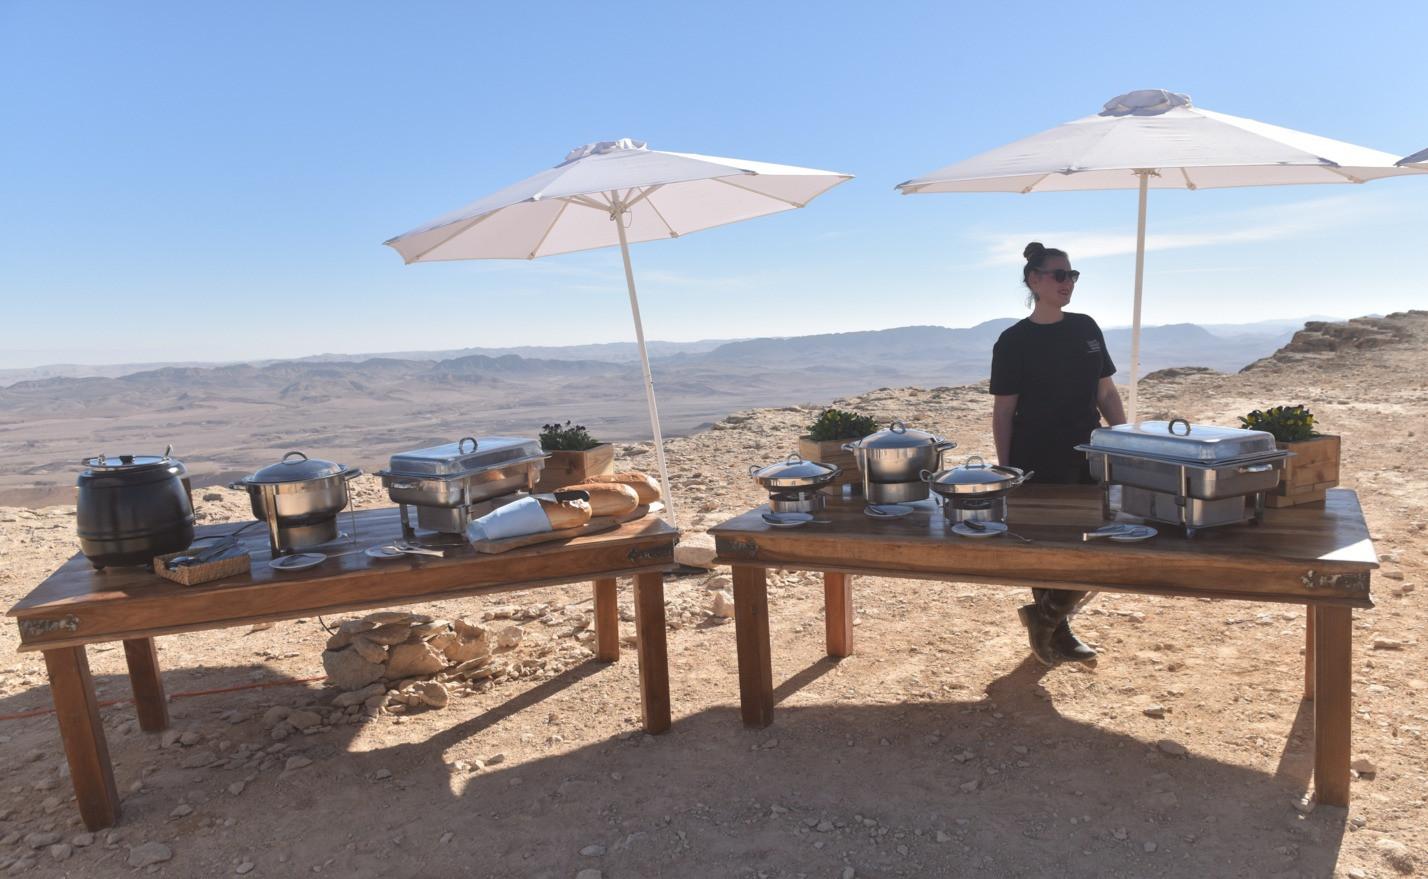 Outdoor meal in the Negev Desert Israel